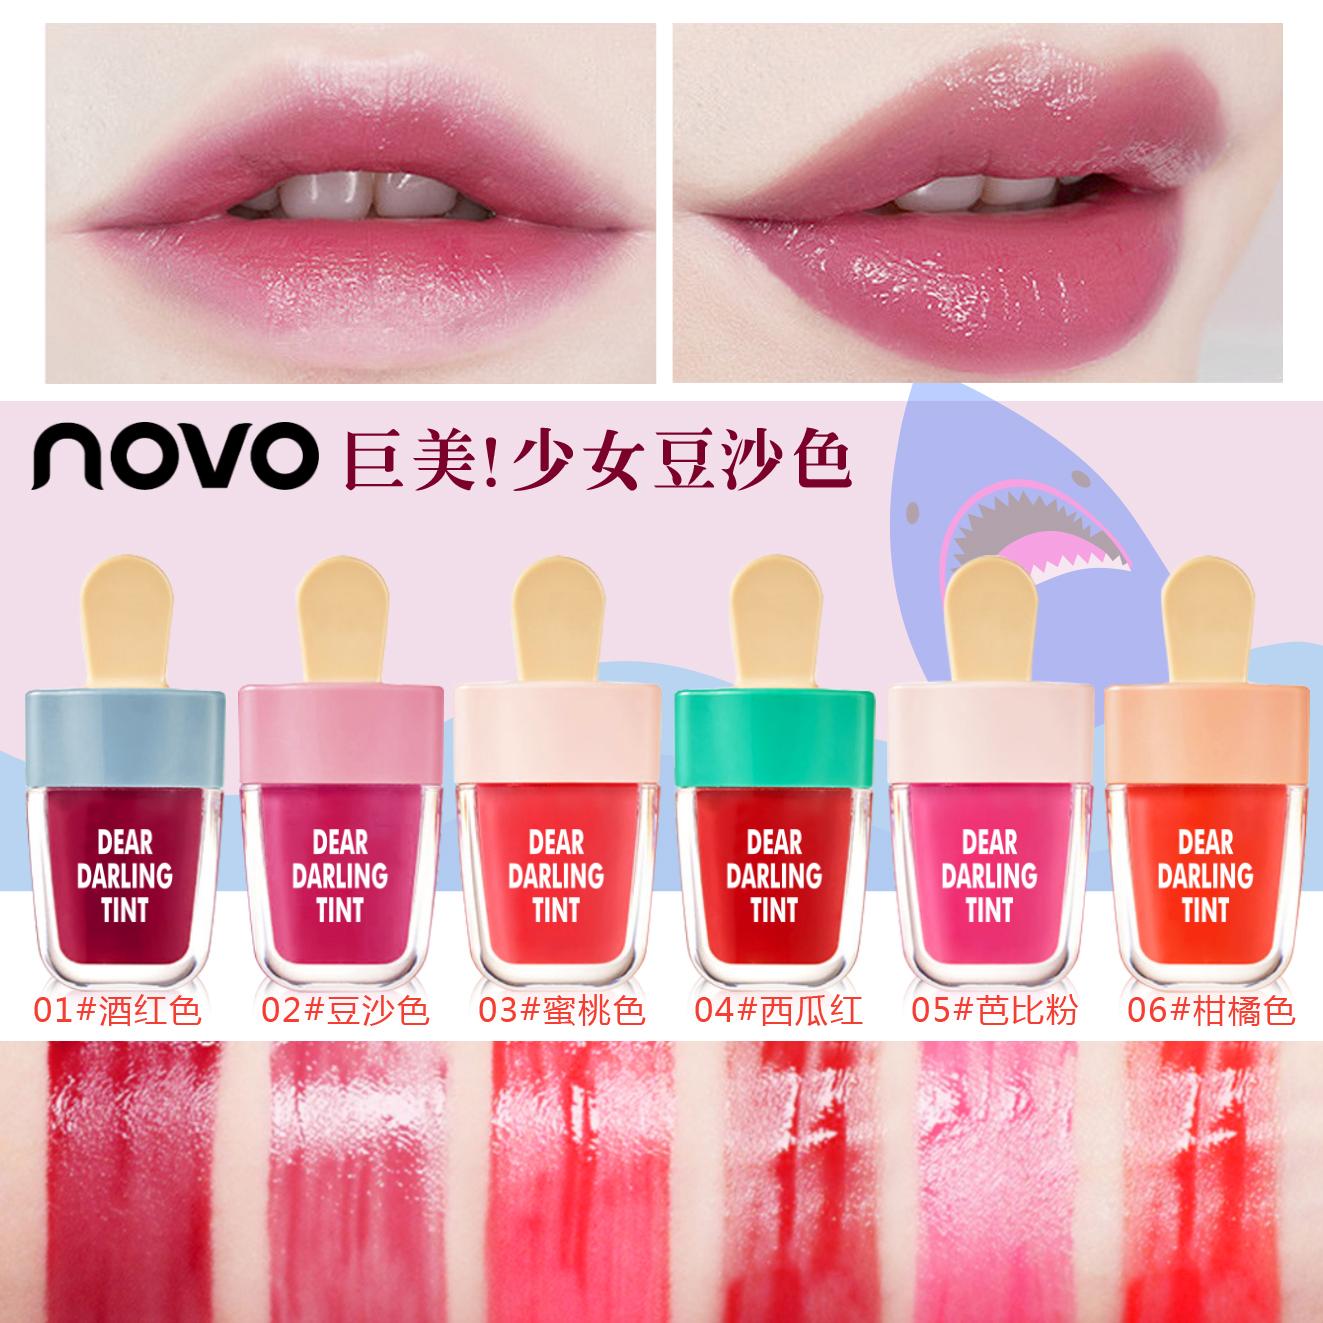 NOVO5191冰淇淋唇釉雪糕染唇液酒红色豆沙色咬唇妆冰激凌唇乳